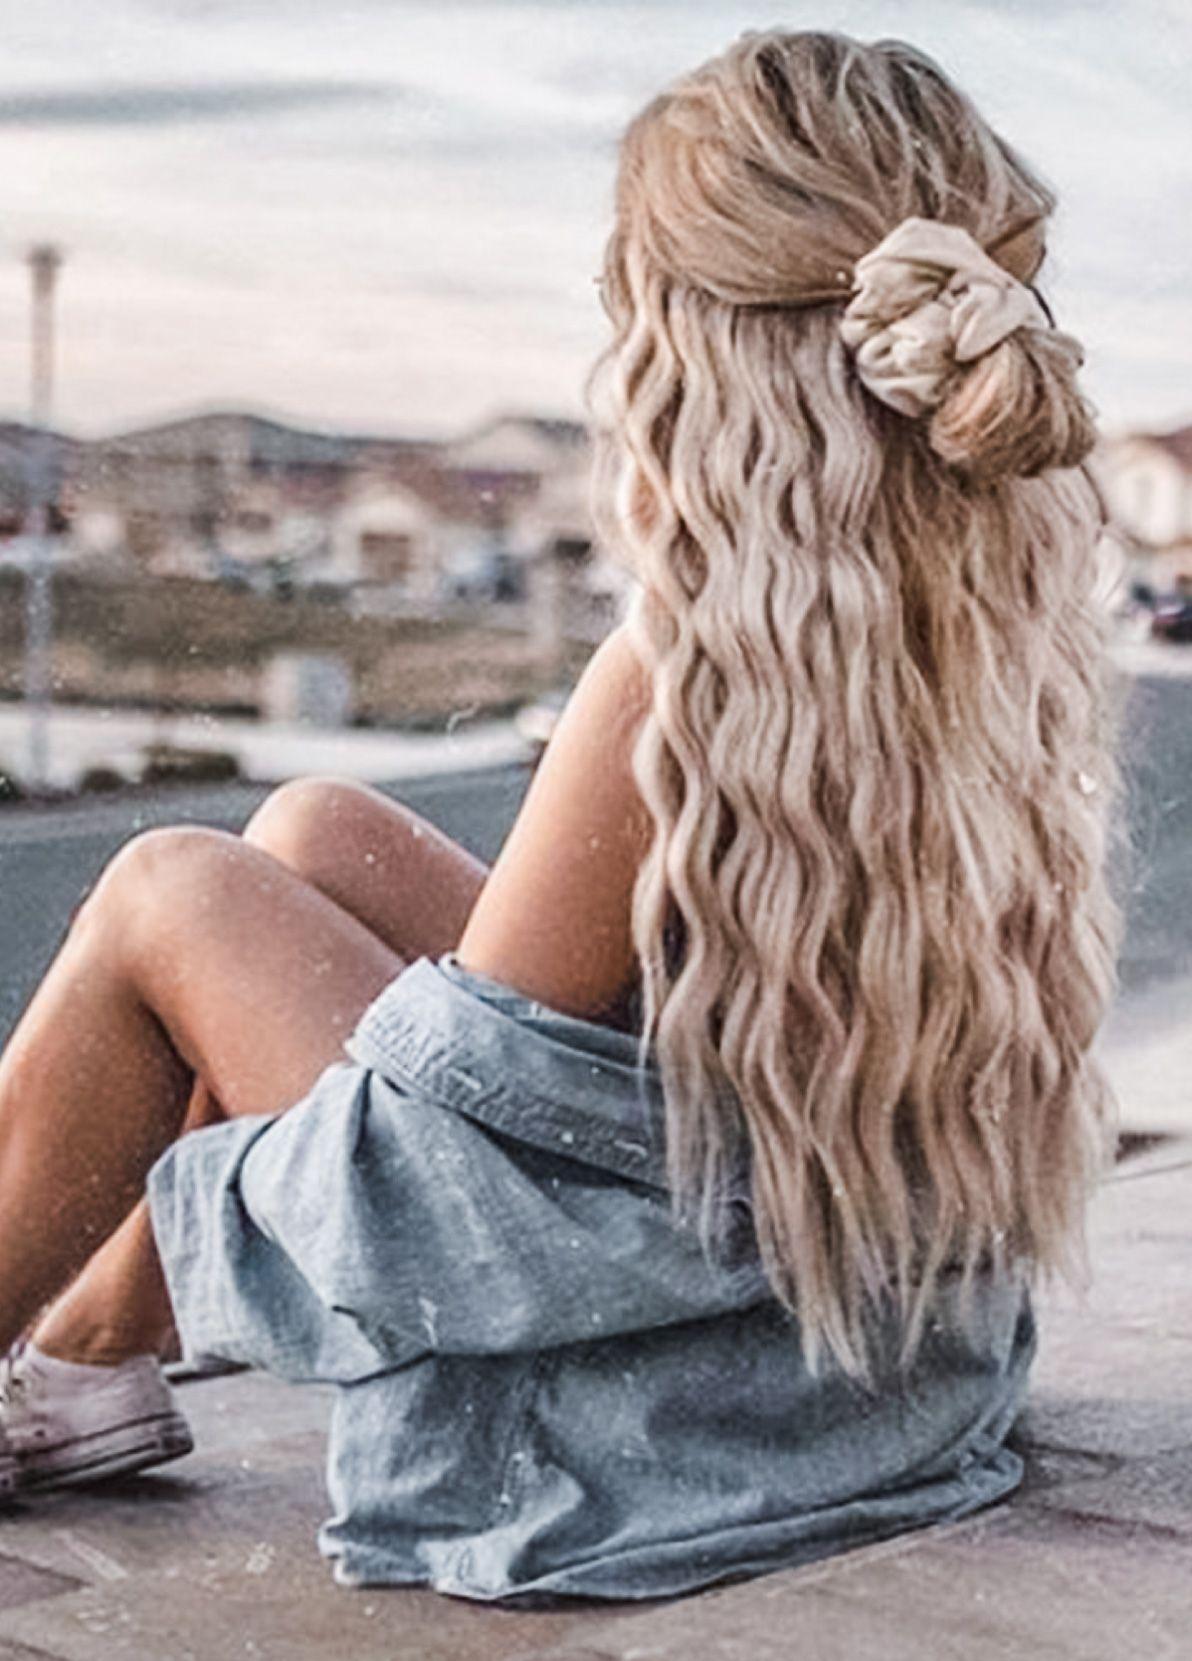 Best Hair Wands For Tousled Beach Hair - DIY Darlin'